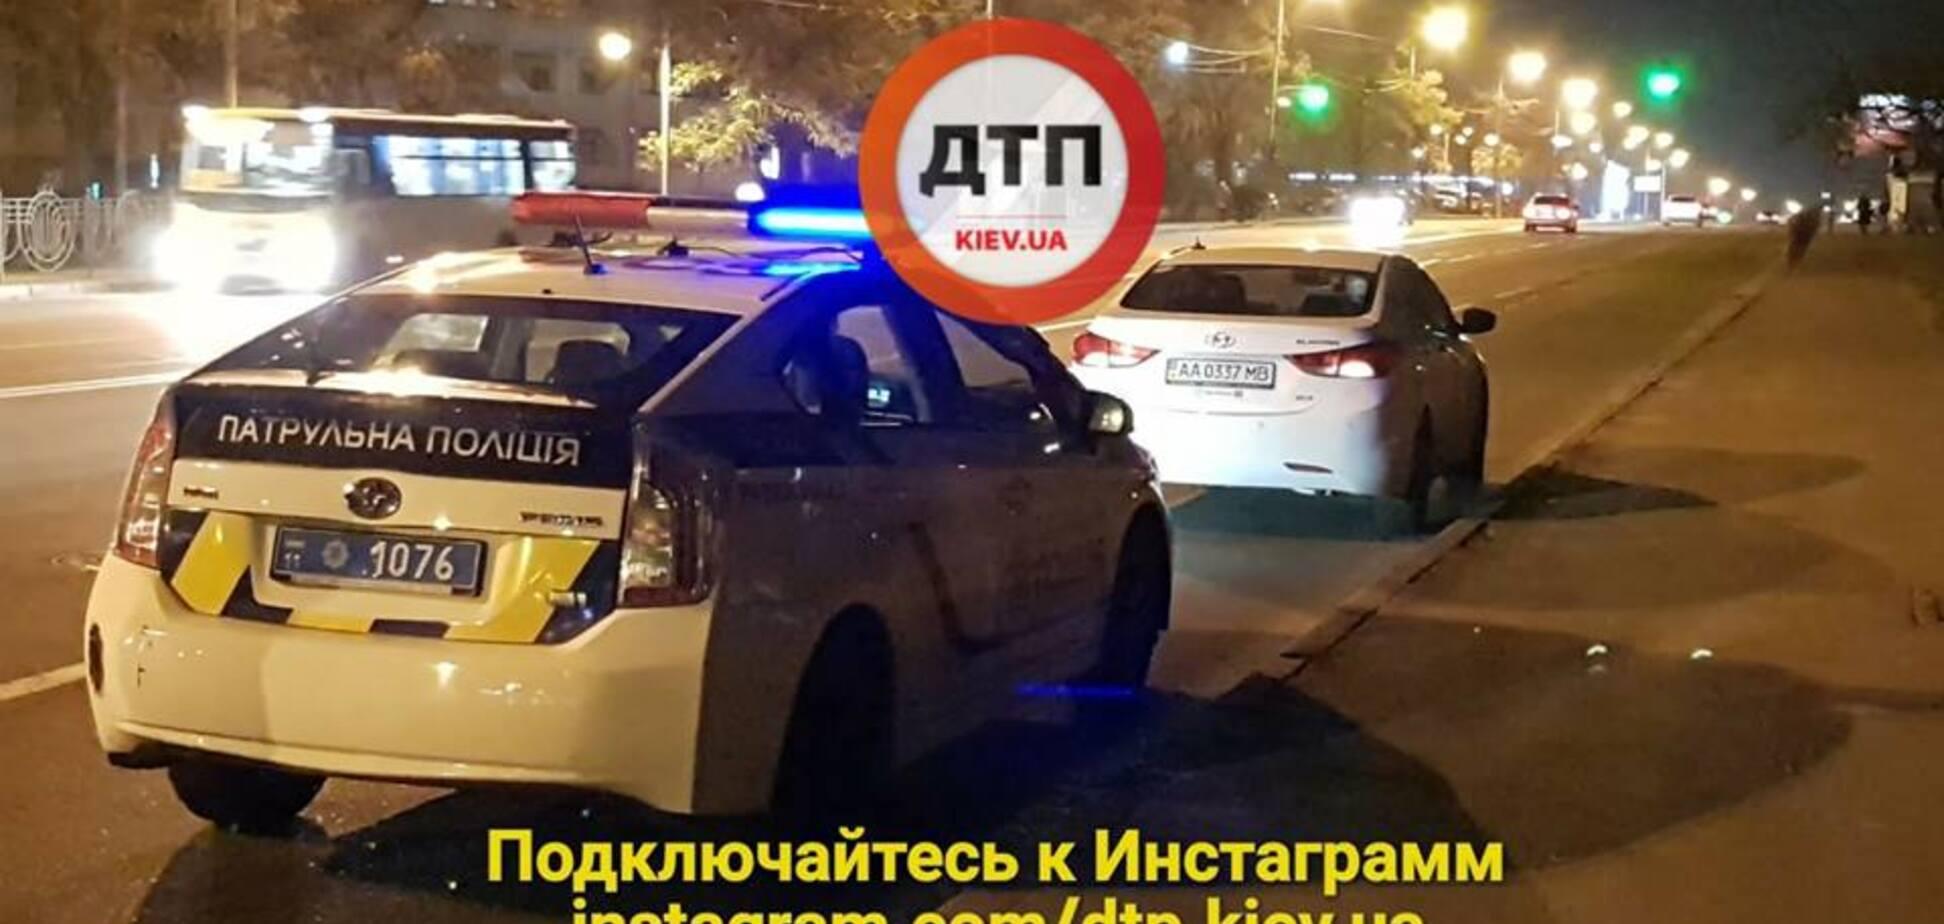 ДТП, Киев, Харьковское шоссе, пешеход, ПДД